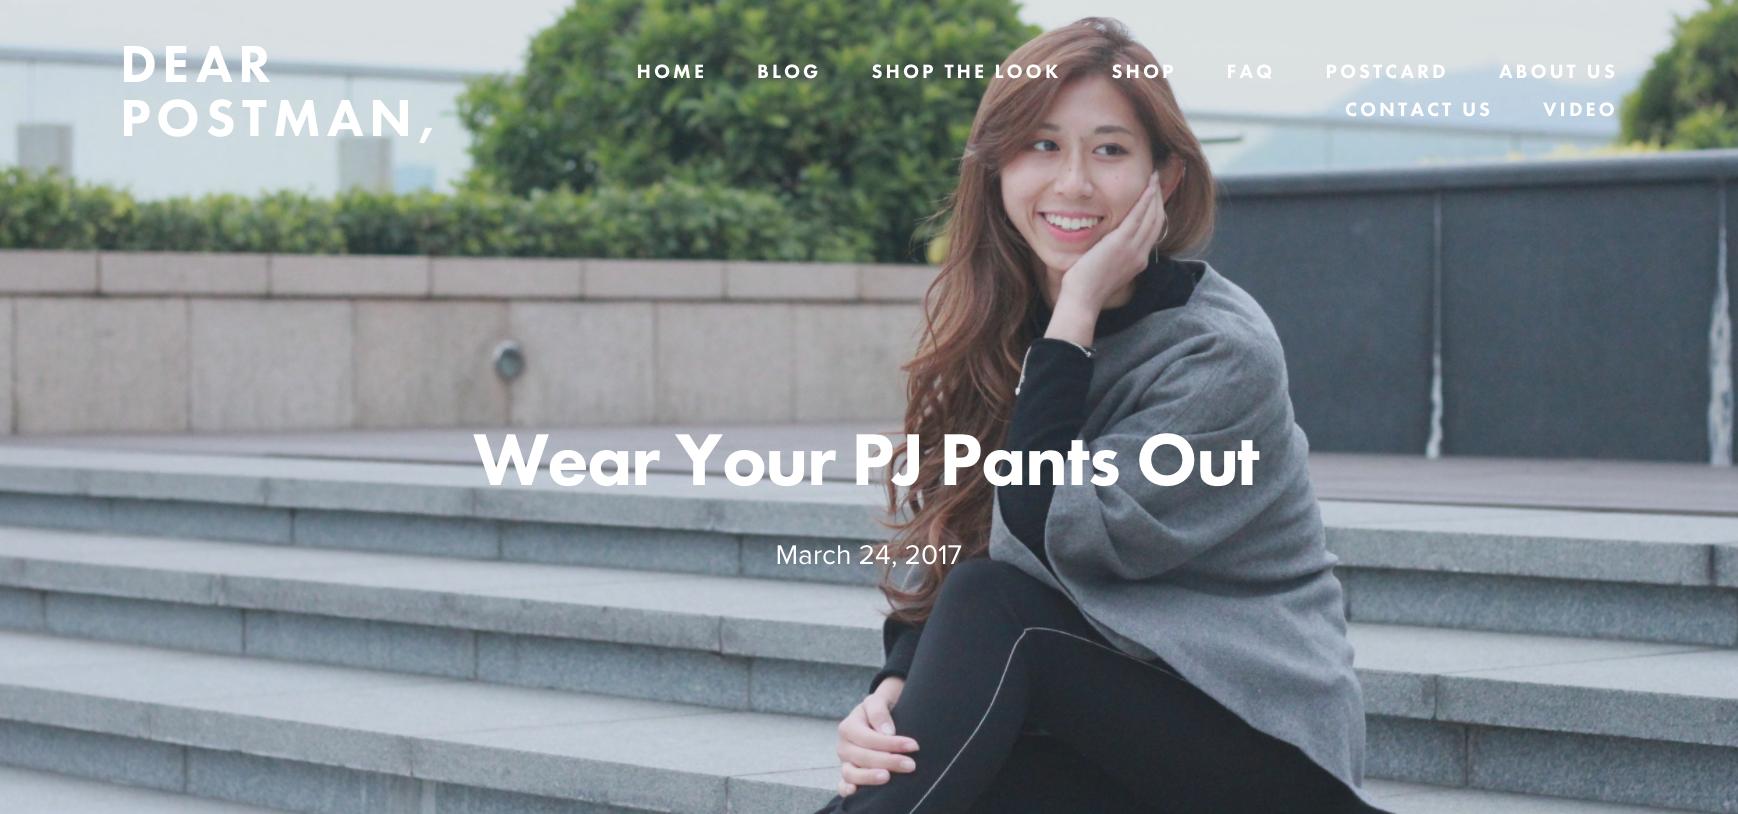 Wear Your PJ Pants Out